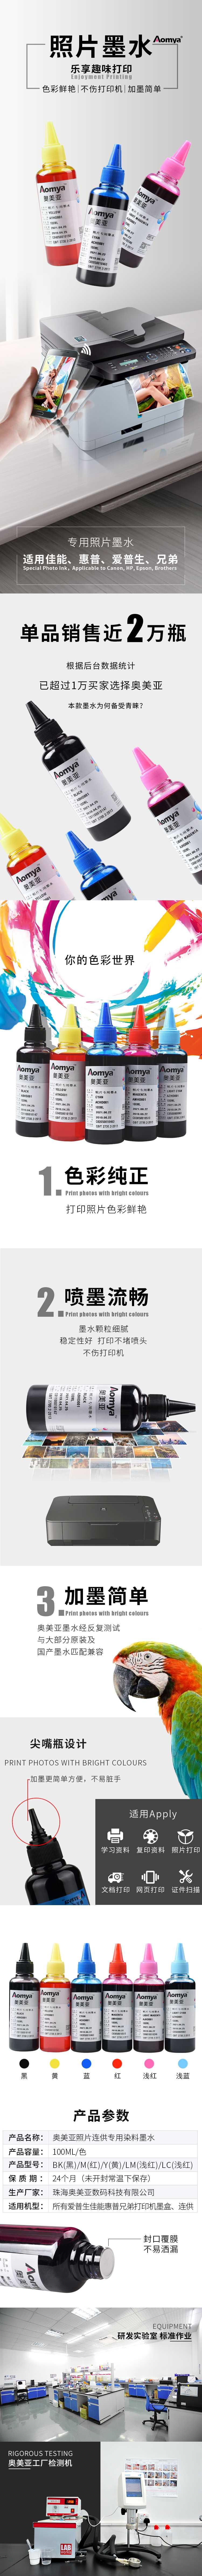 5桌面染料墨水�m用EPNHPCANBRO�C器���^